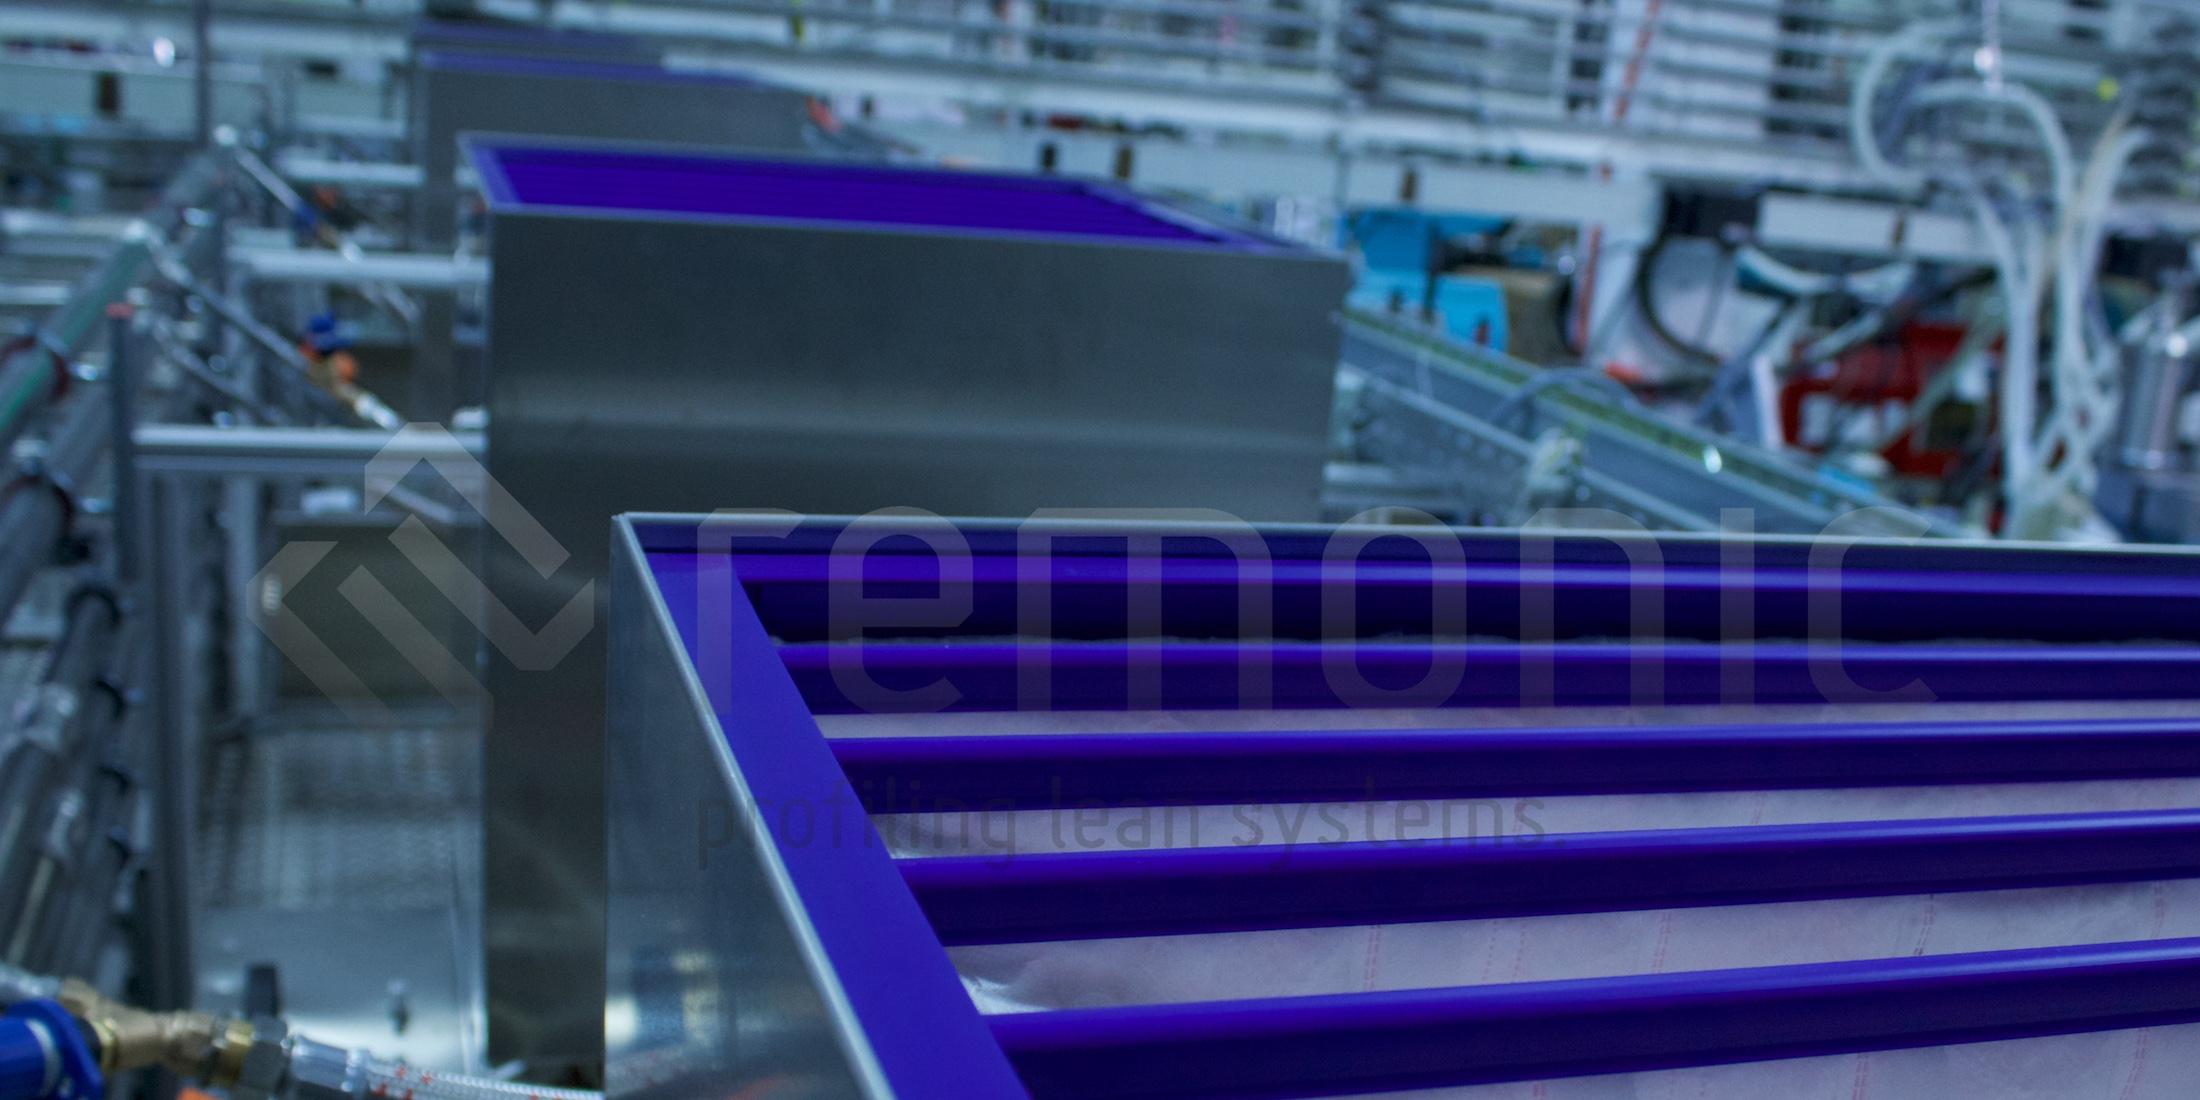 remonic arbeitet mit namenhaften Herstellern für den Einsatz von Filter-Lüfter (FFU) Einheiten für unsere Reinraumtechnik.